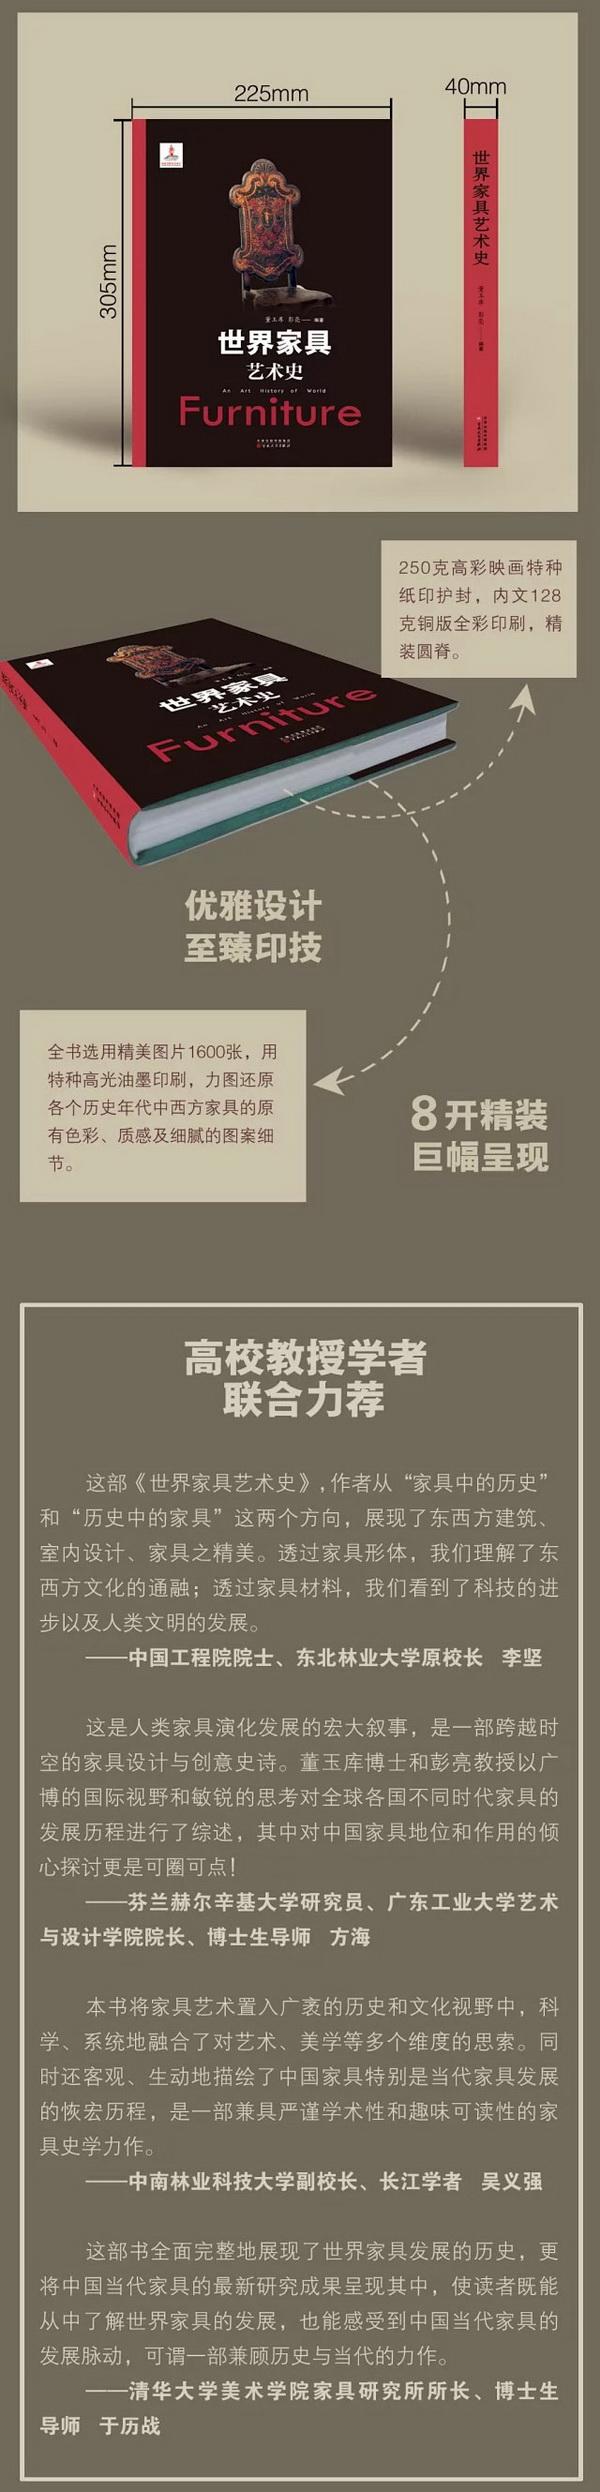 董玉库、彭亮著编《世界家具艺术史》介绍